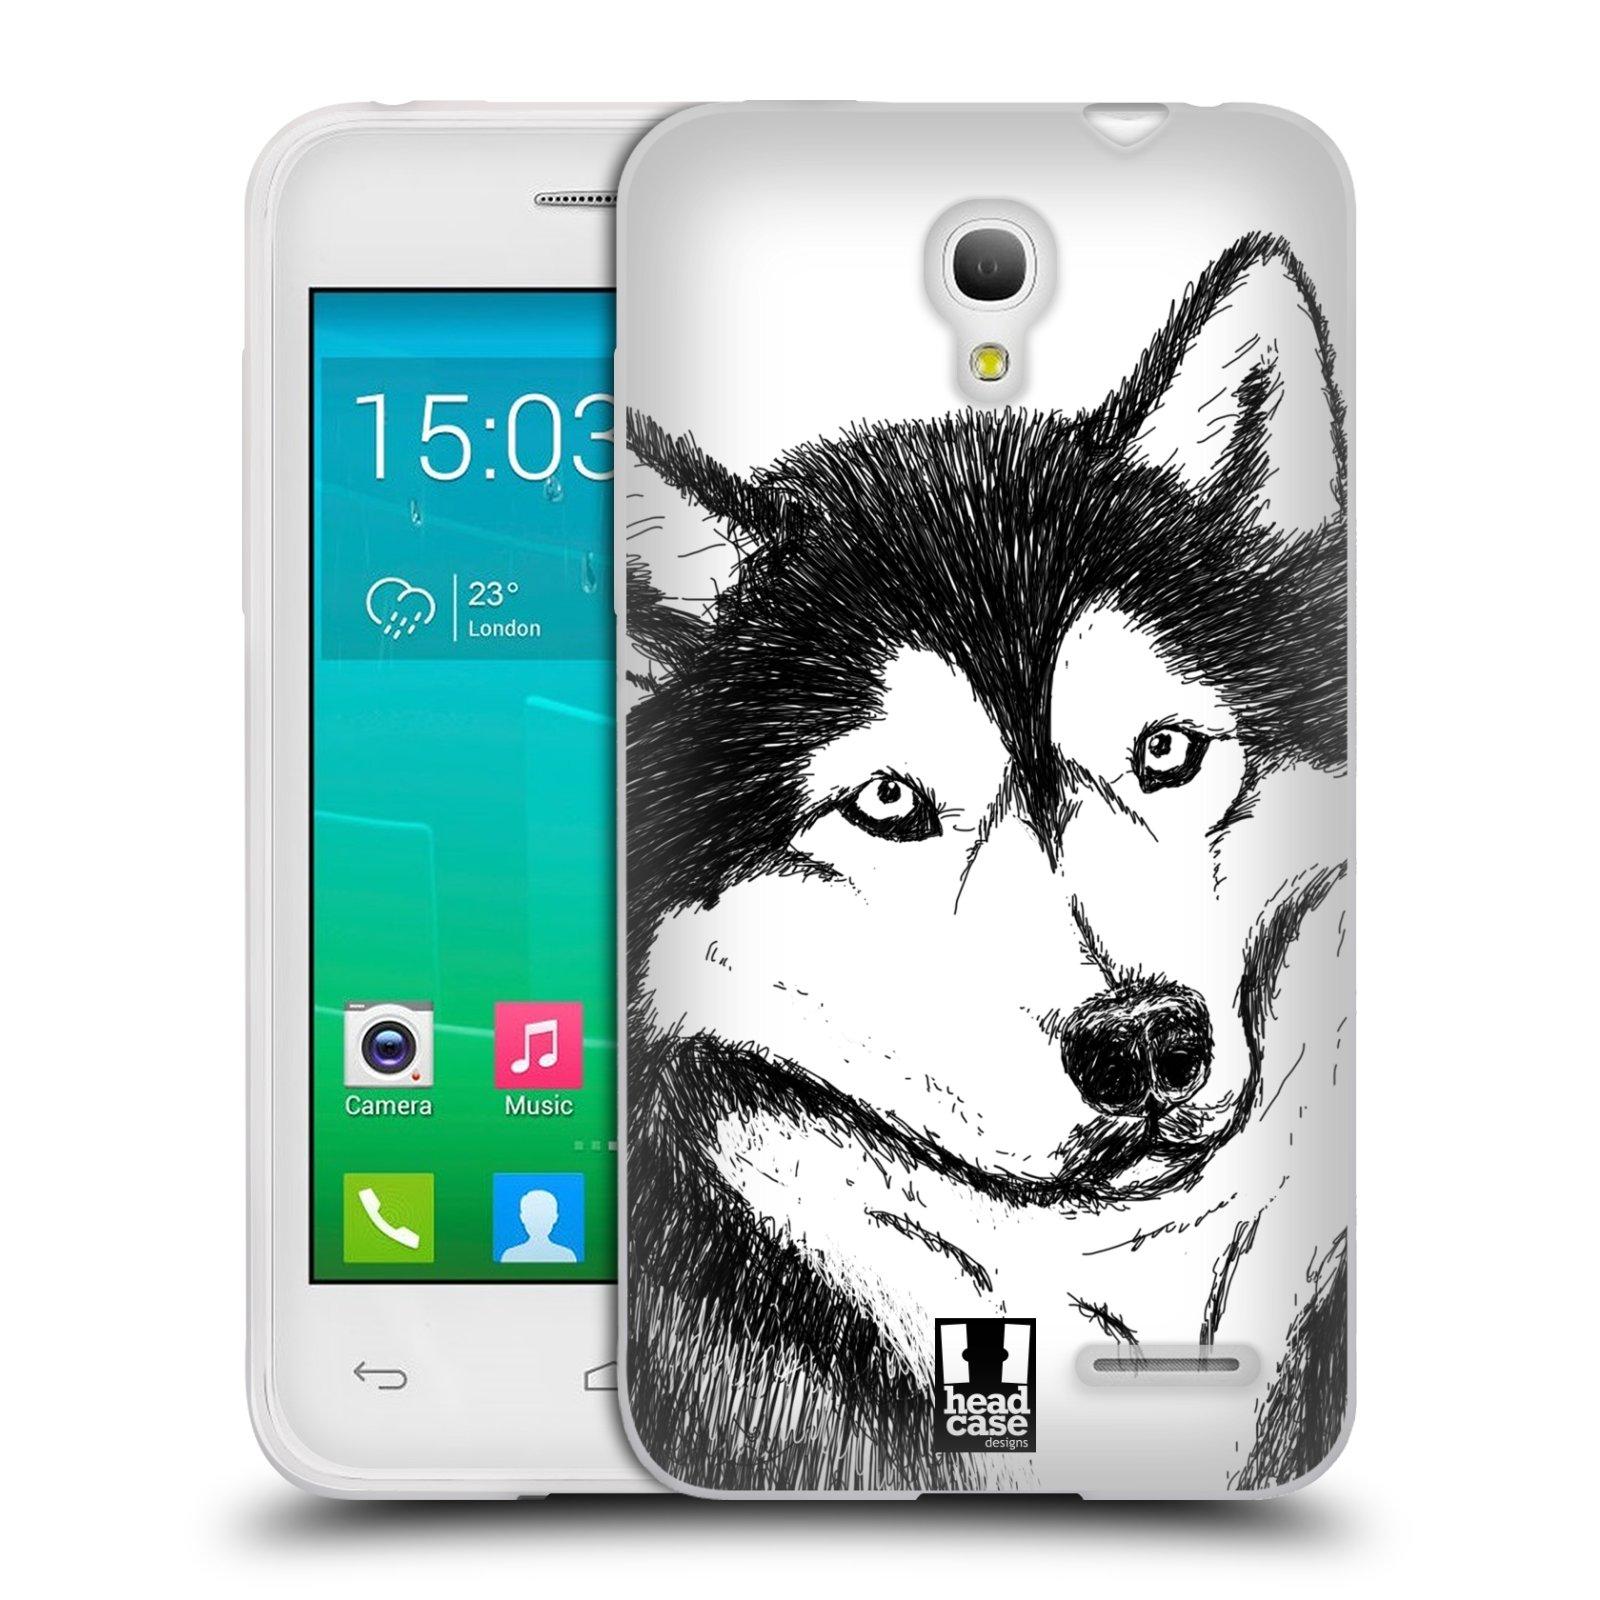 HEAD CASE silikonový obal na mobil Alcatel POP S3 OT-5050Y vzor Kreslená zvířátka černá a bílá pes husky